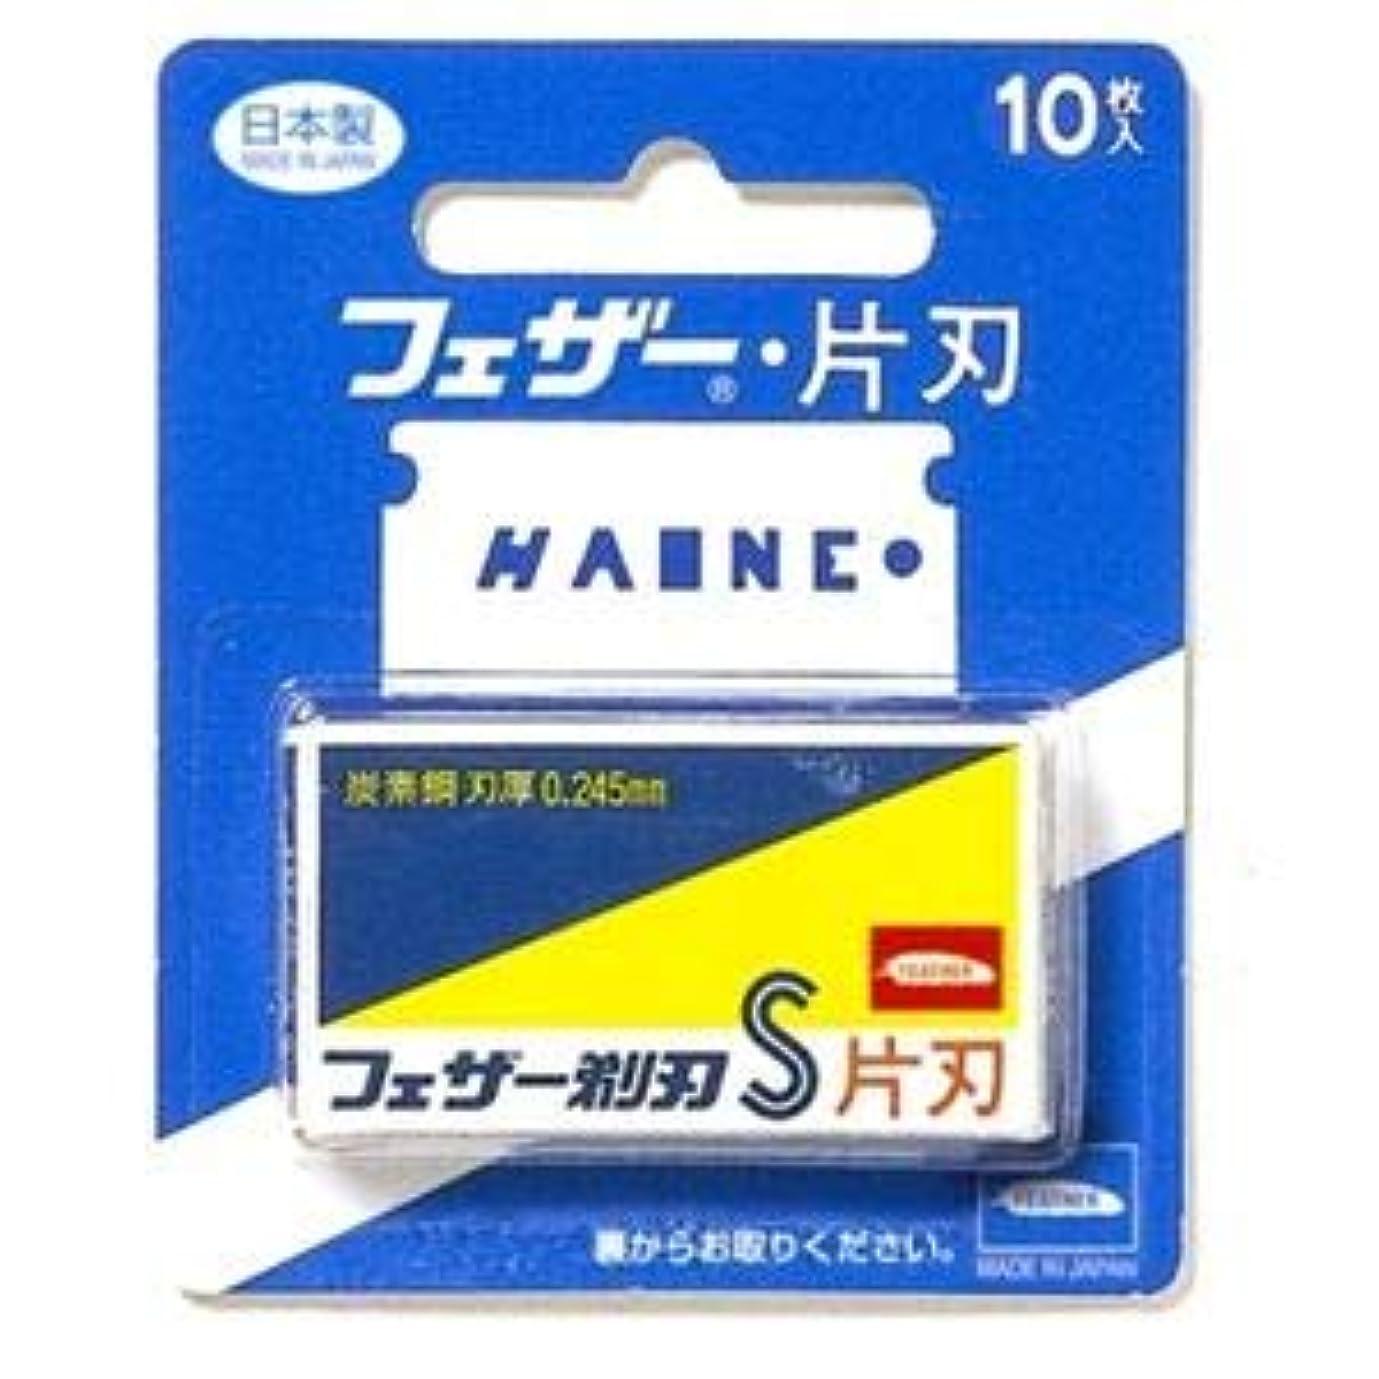 リアルネズミパフ(まとめ)フェザー安全剃刃 青函片刃 10枚入 【×12点セット】